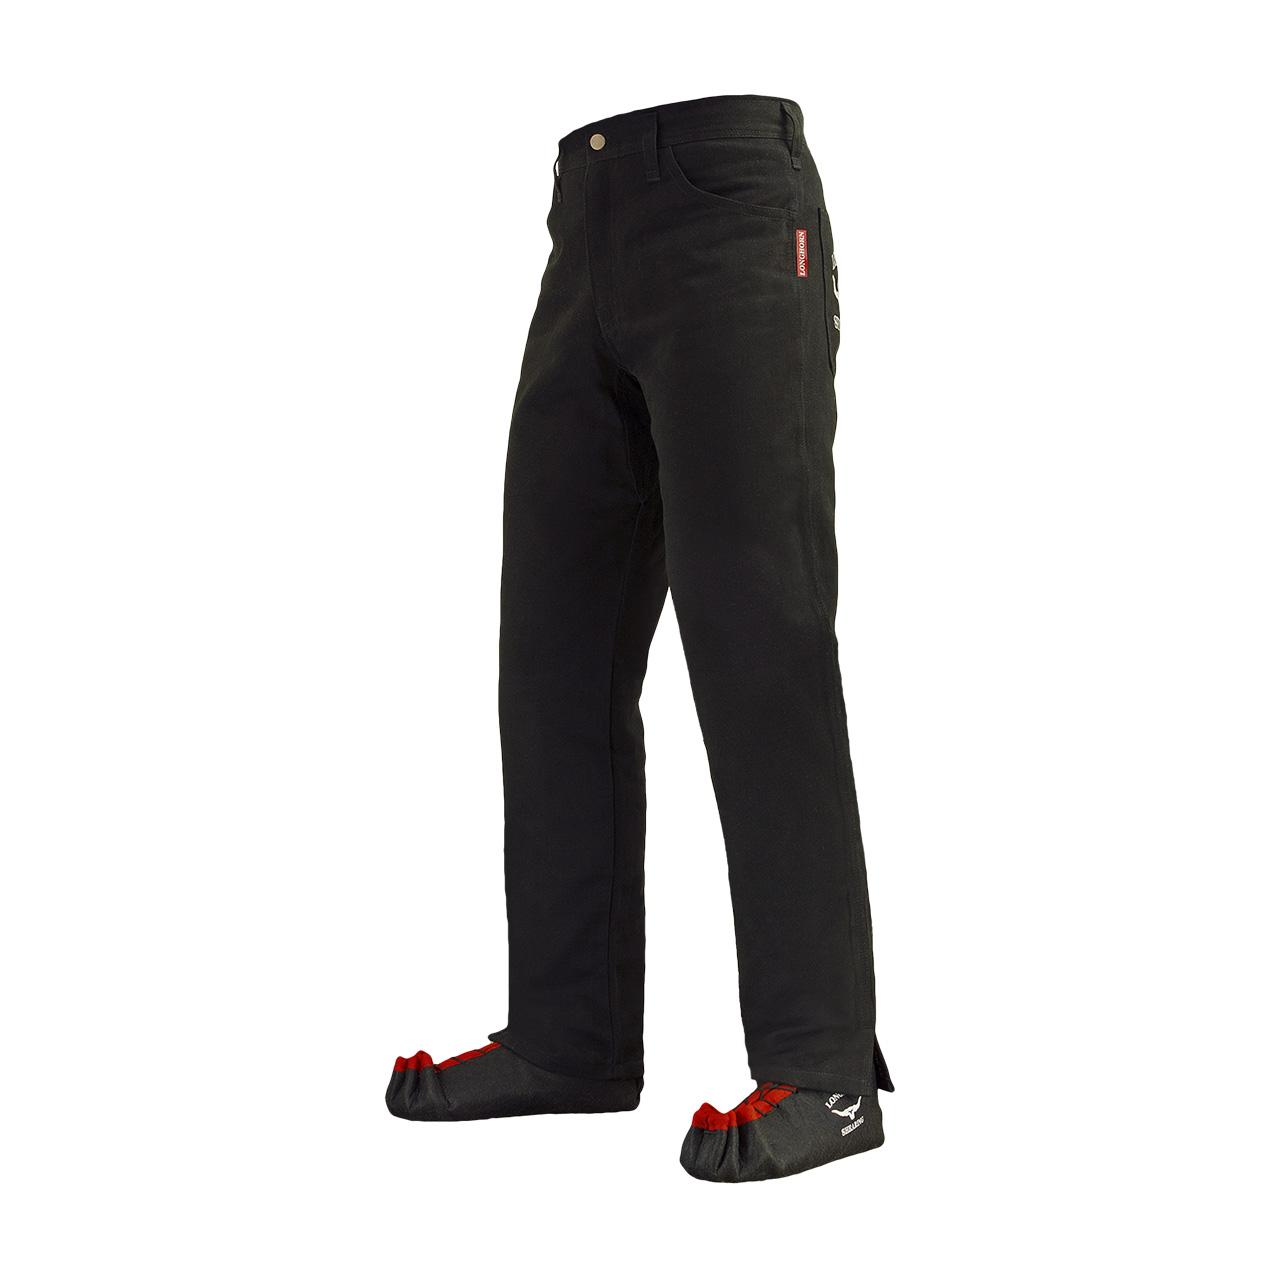 Longhorn™ kalhoty pro střihače ovcí s 2 předními kapsami velikost Slim 35/34